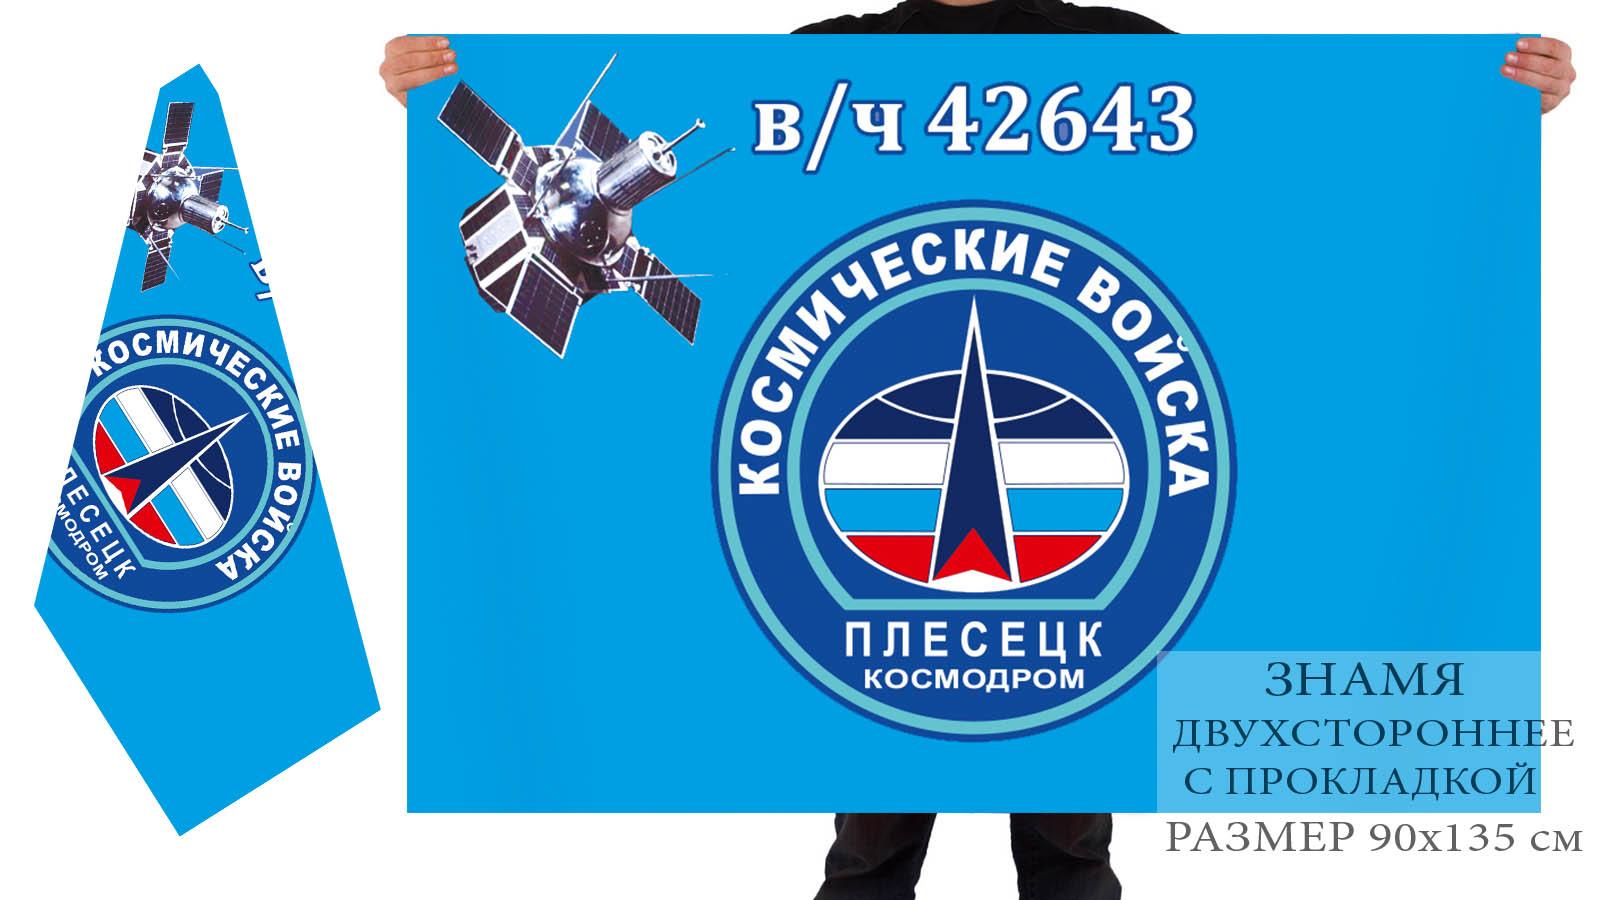 Двусторонний флаг ВКС Космодром Плесецк